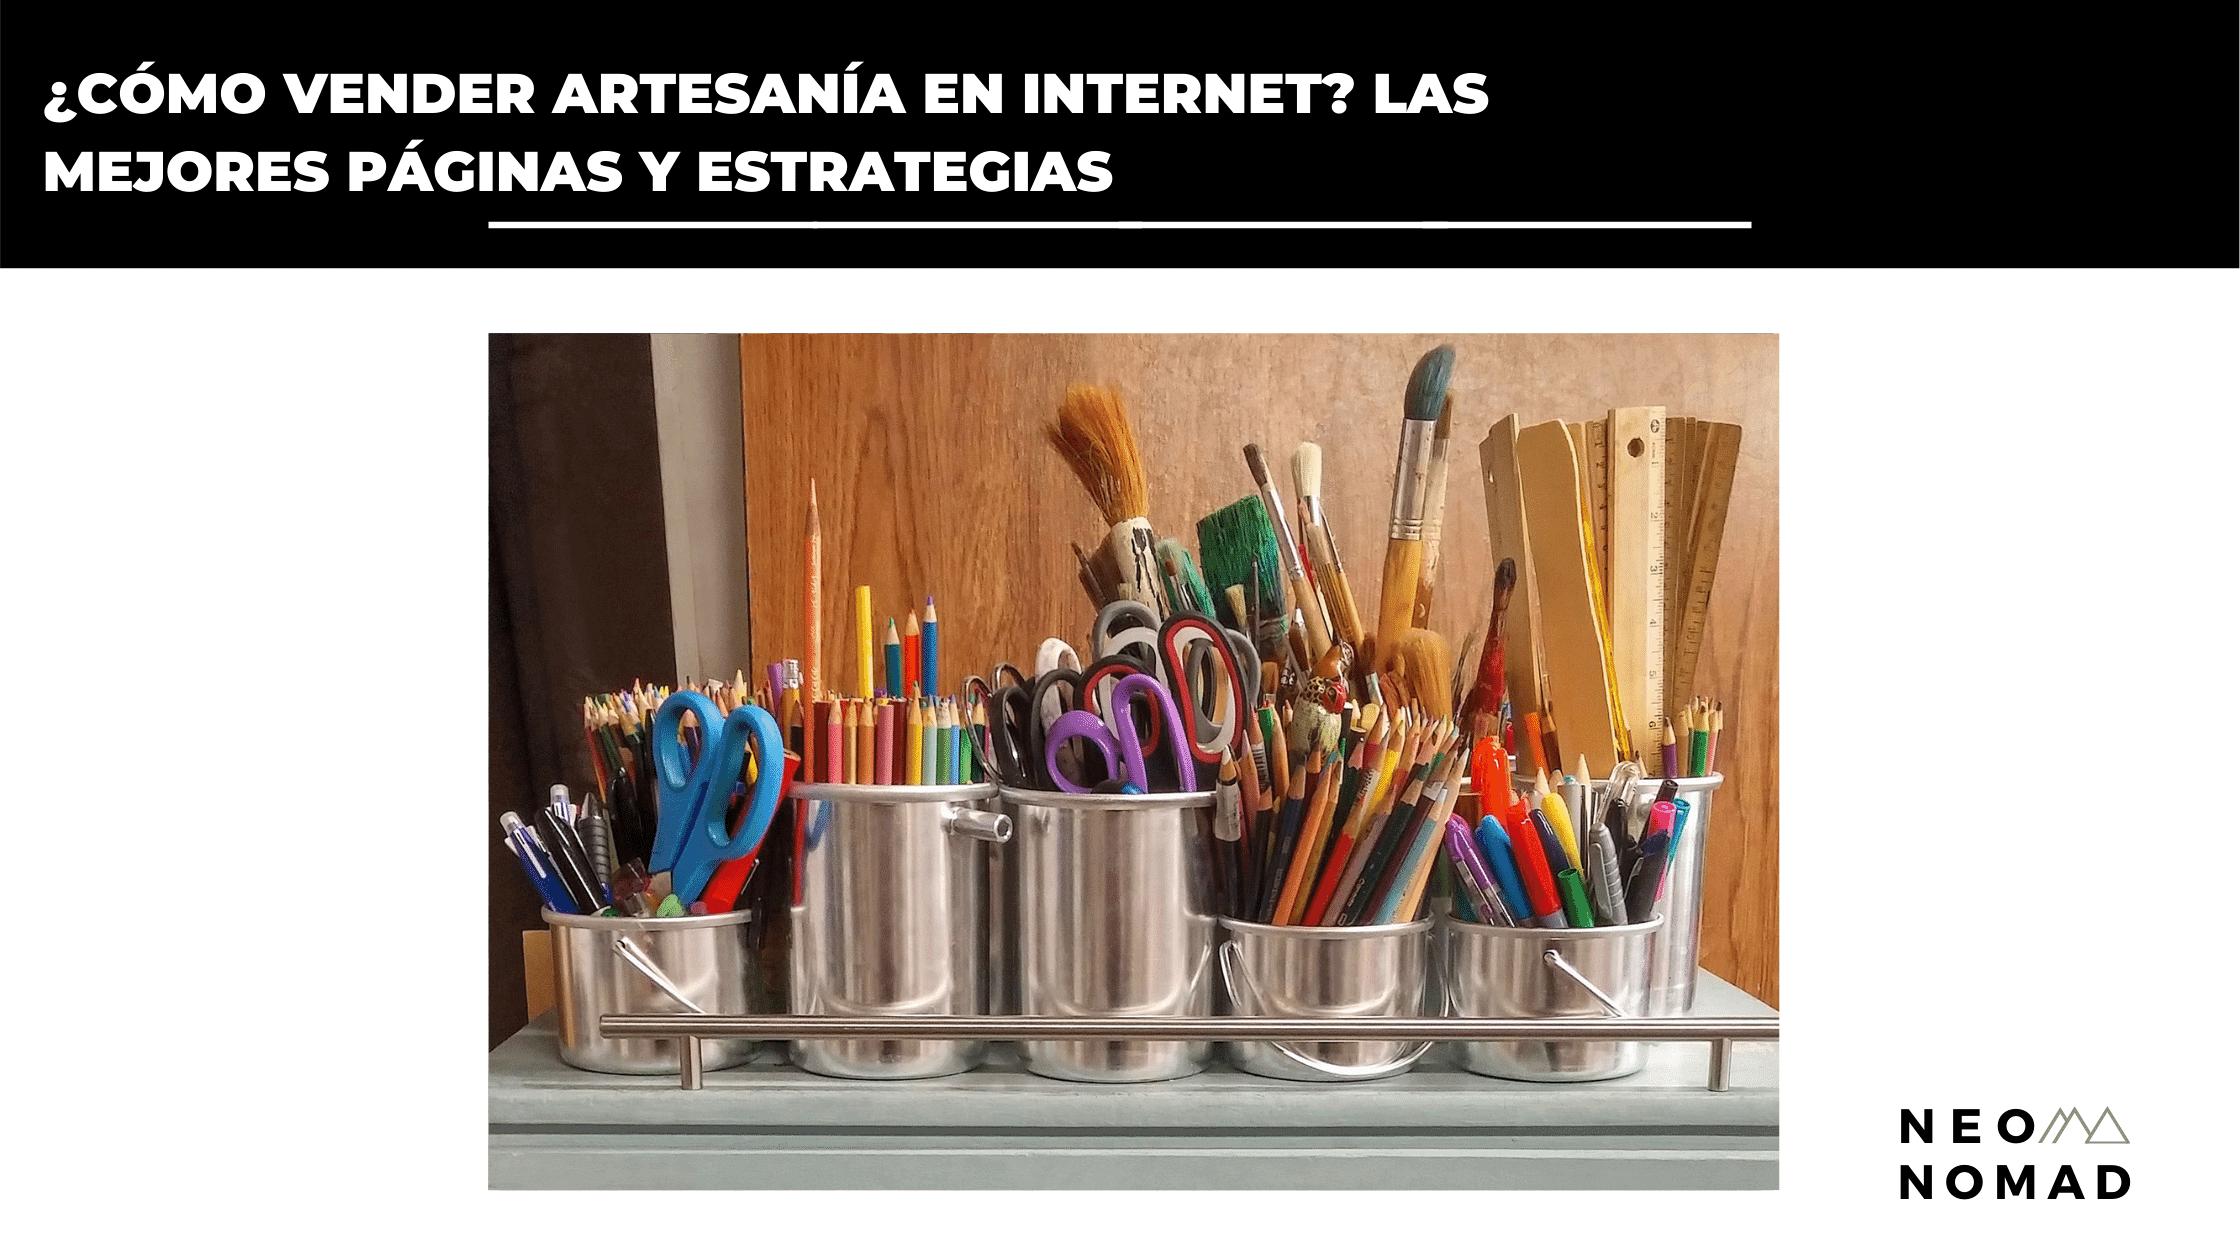 vender artesanía en internet para nomadas digitales